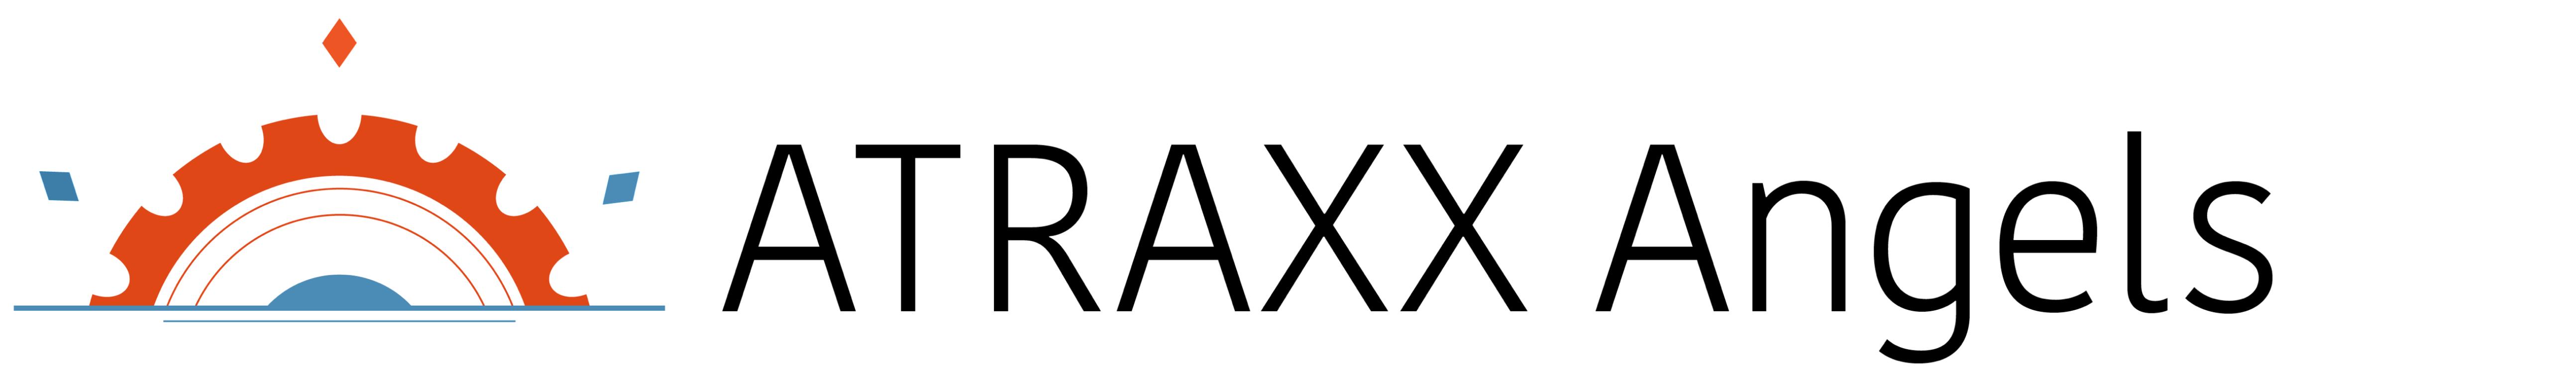 ATRAXX Angels tagline